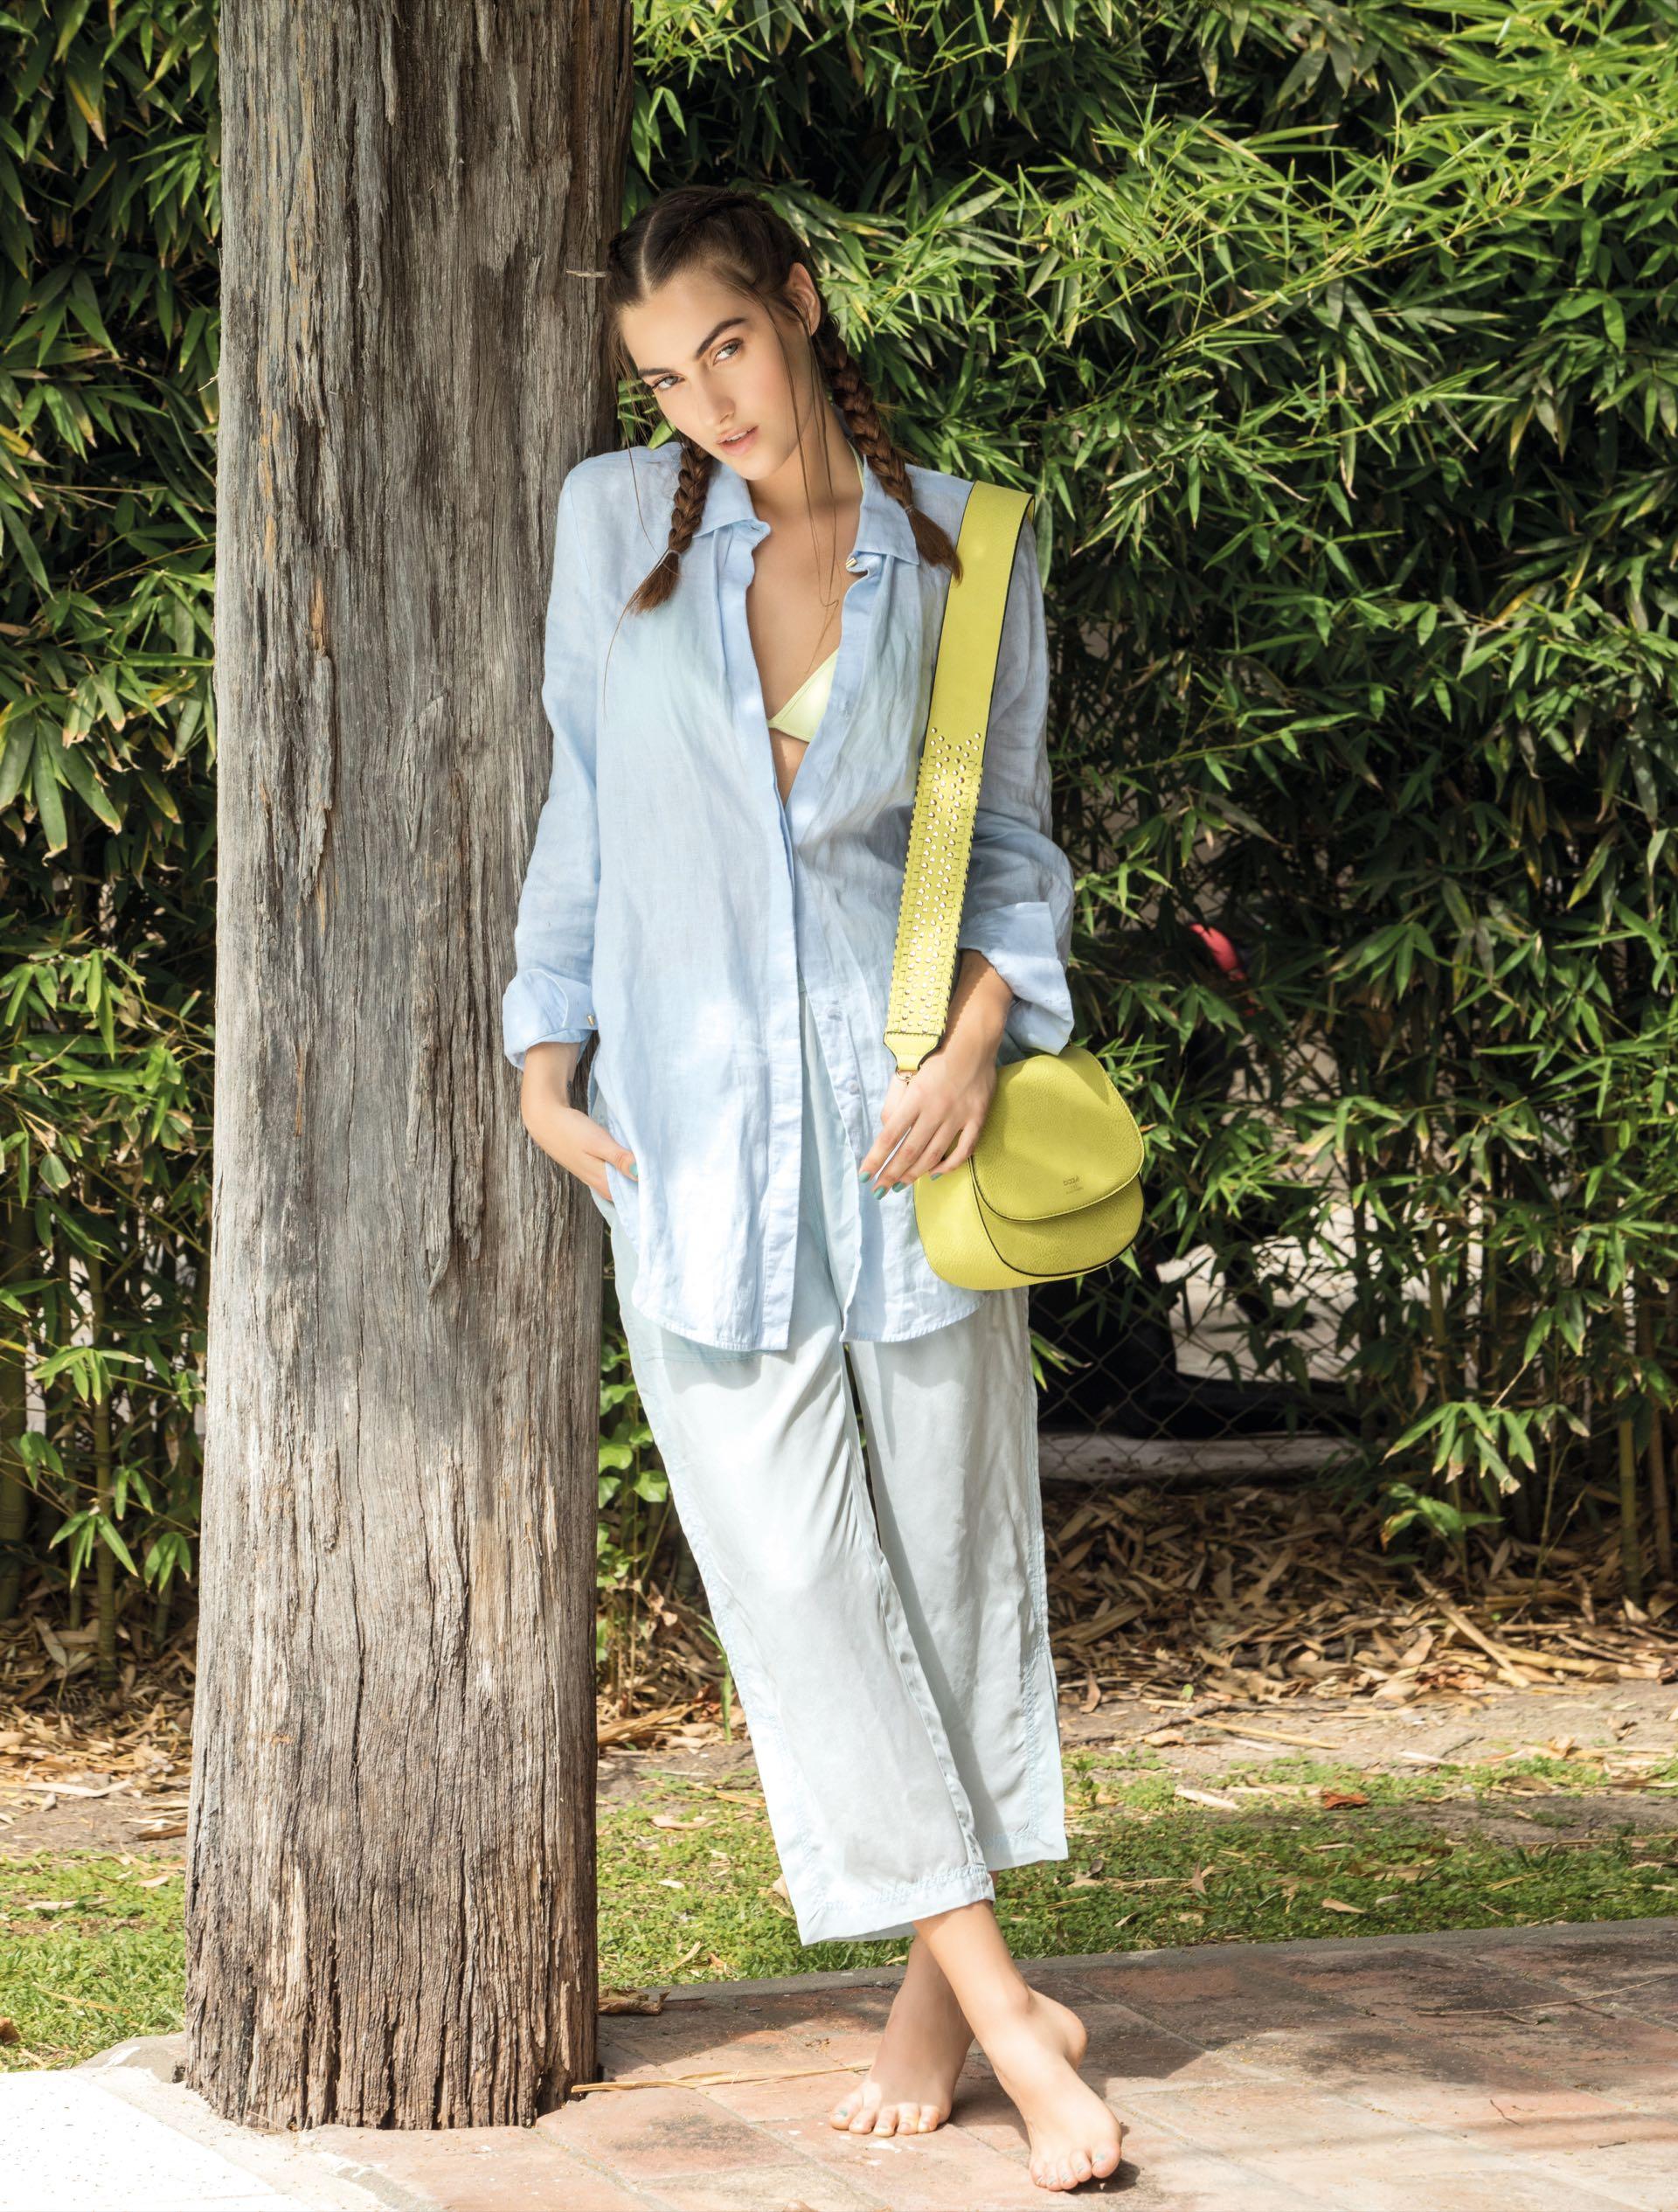 Camisa de lino y pantalón de seda con bolsillos (Cher), cartera ($ 1.498, Blaquè) y bikini triángulo con bombacha ($ 1.400, Kosiuko). Foto Fernando Venegas